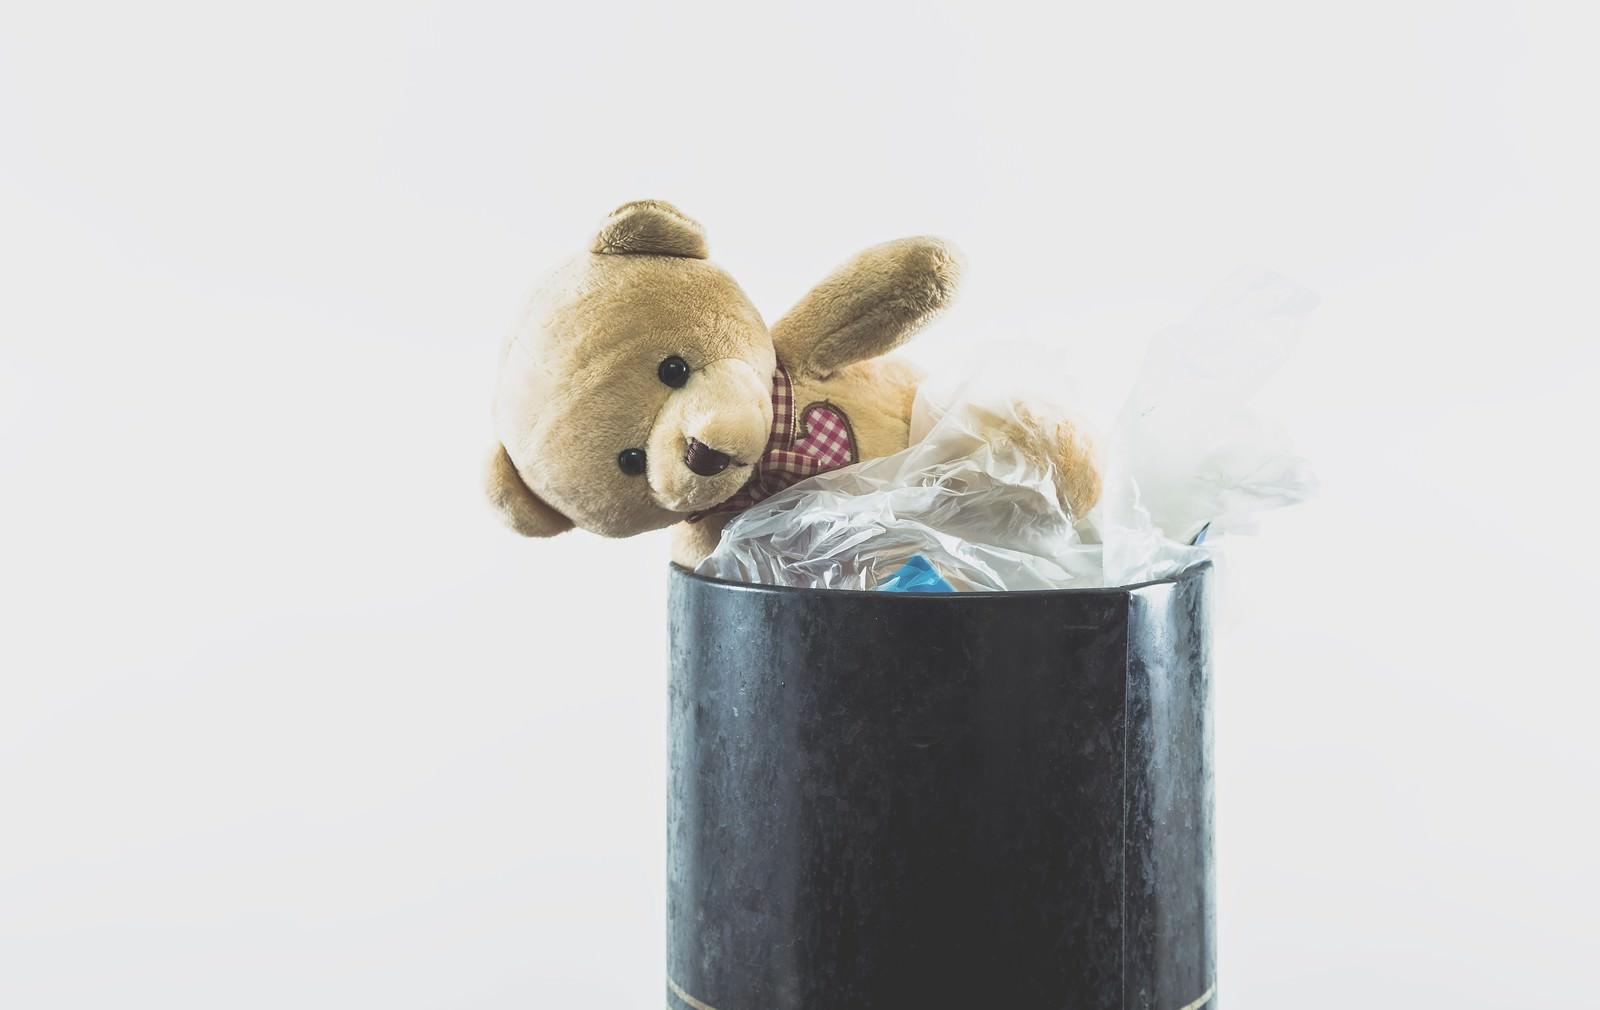 「ゴミ箱に捨てられたクマのぬいぐるみ」の写真